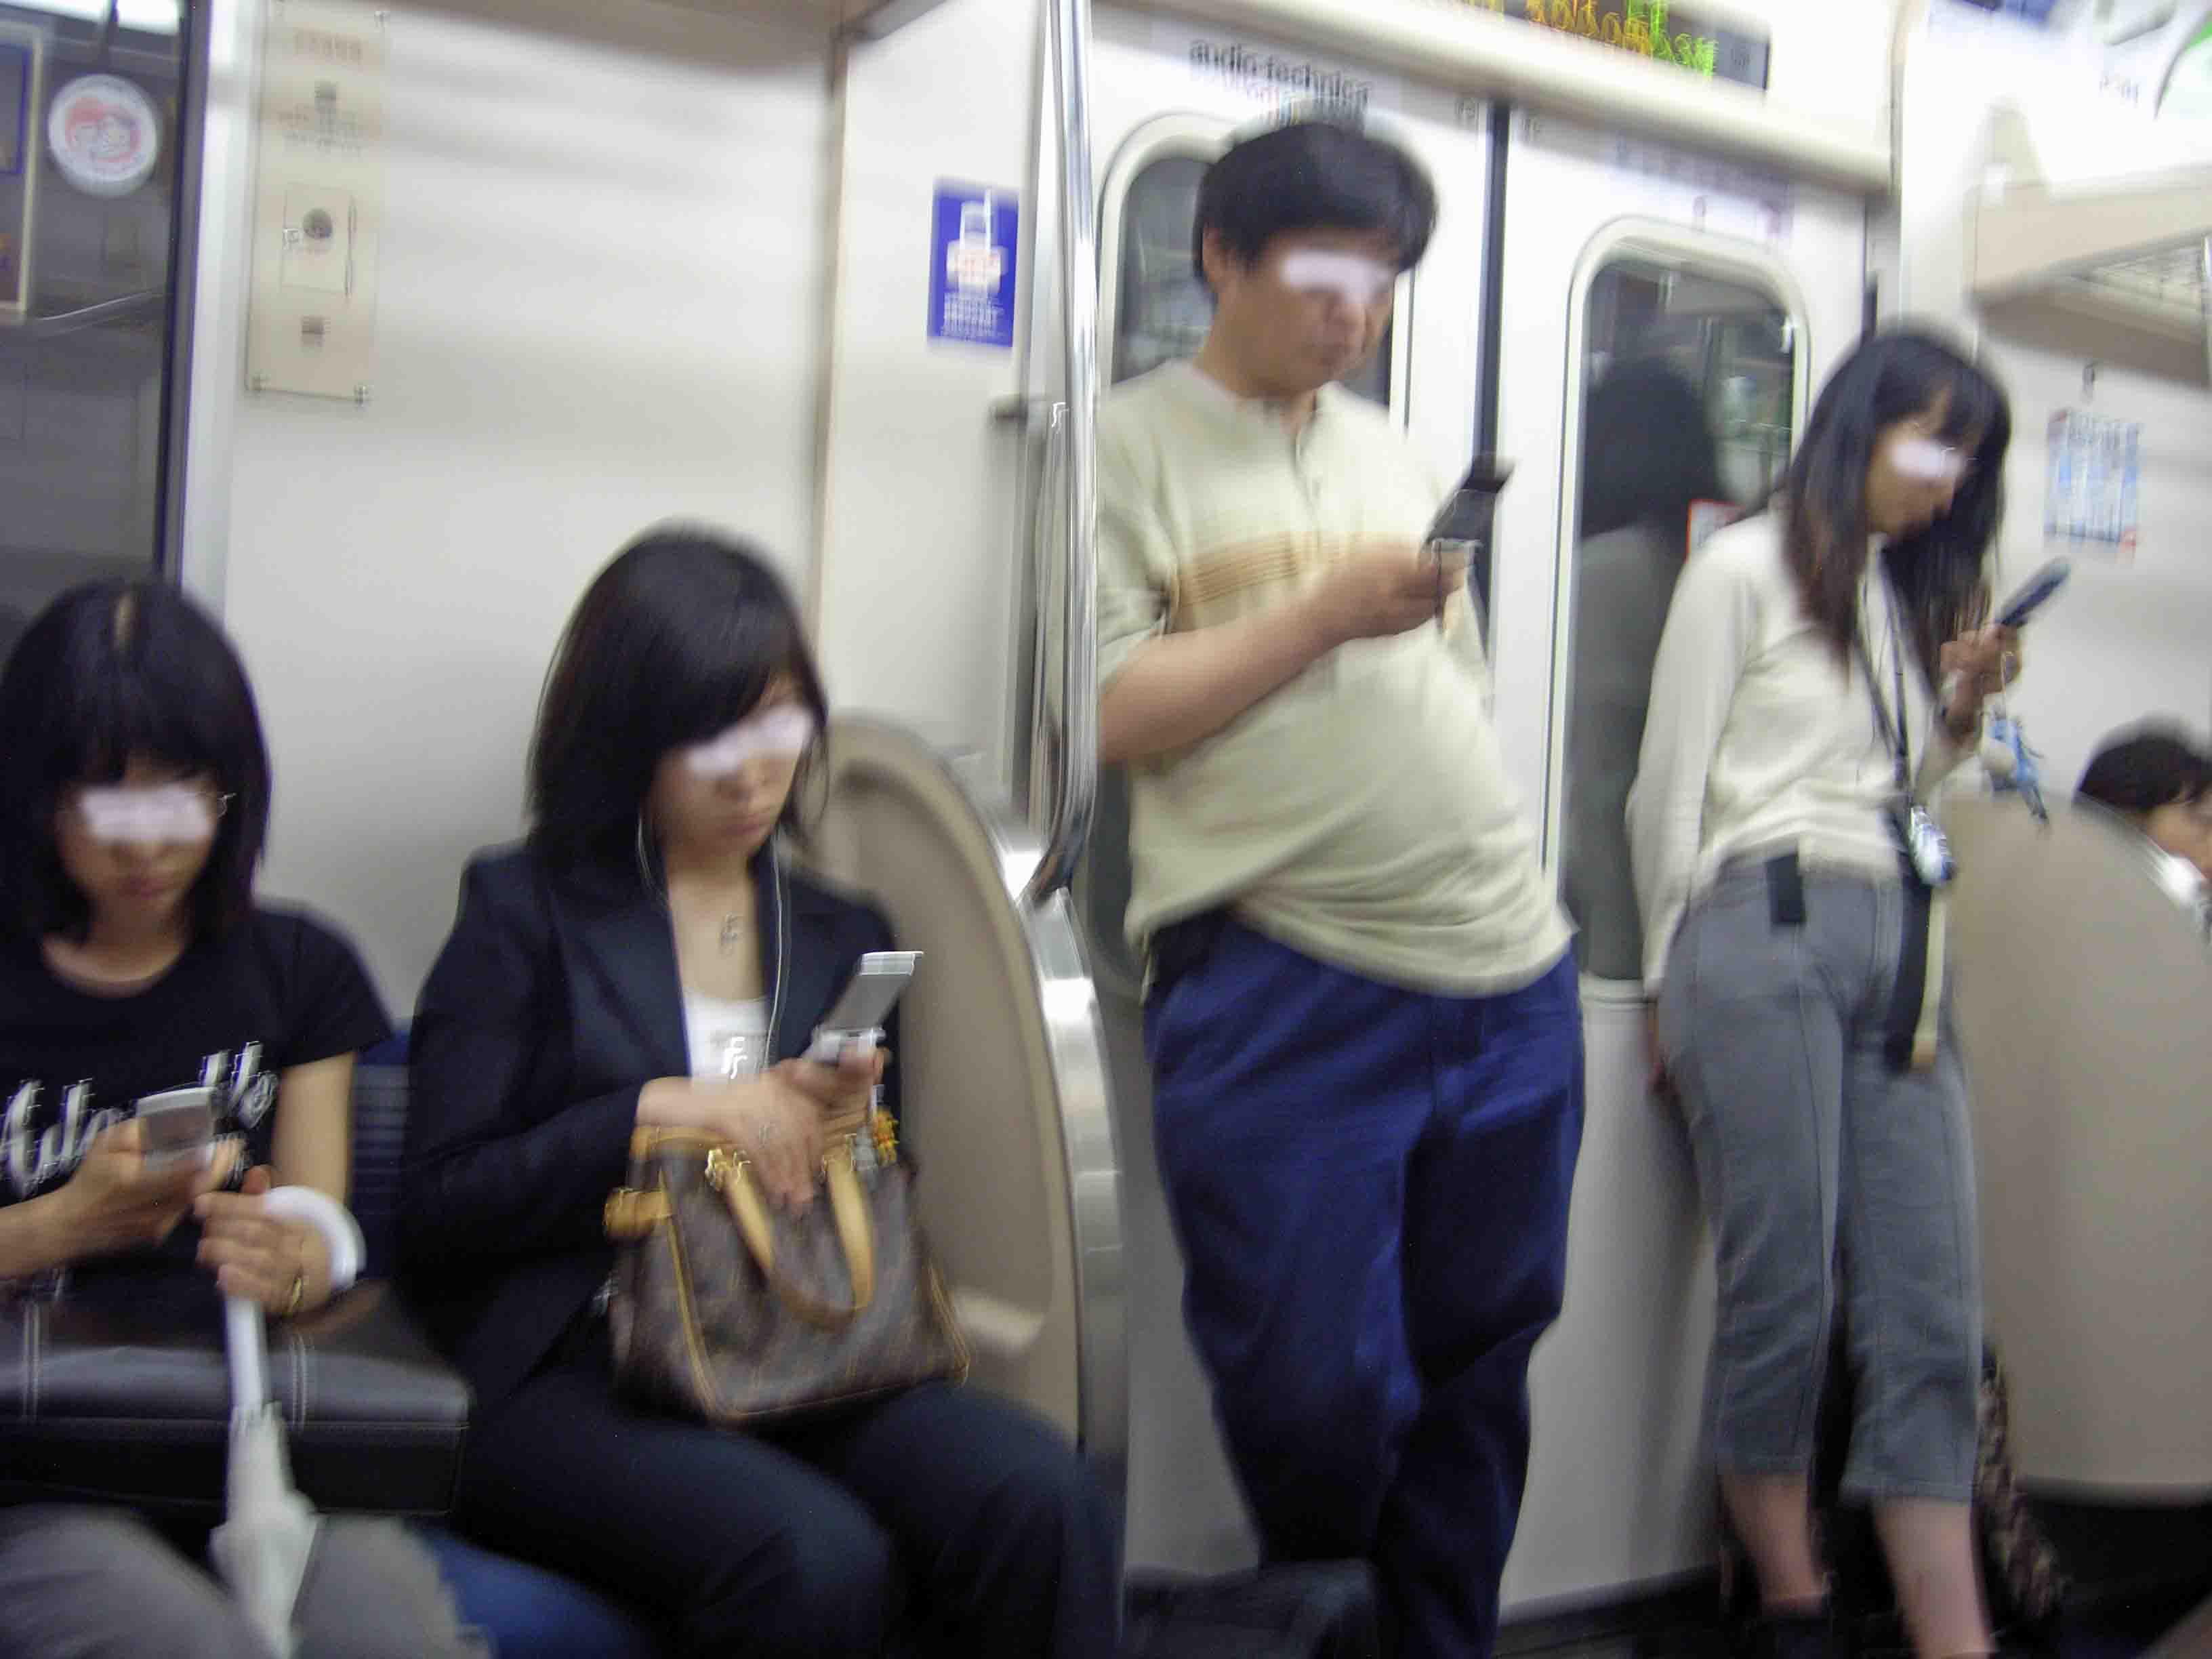 写真・イラストで見る電車あるある面白話、あまりないない面白話 - naver